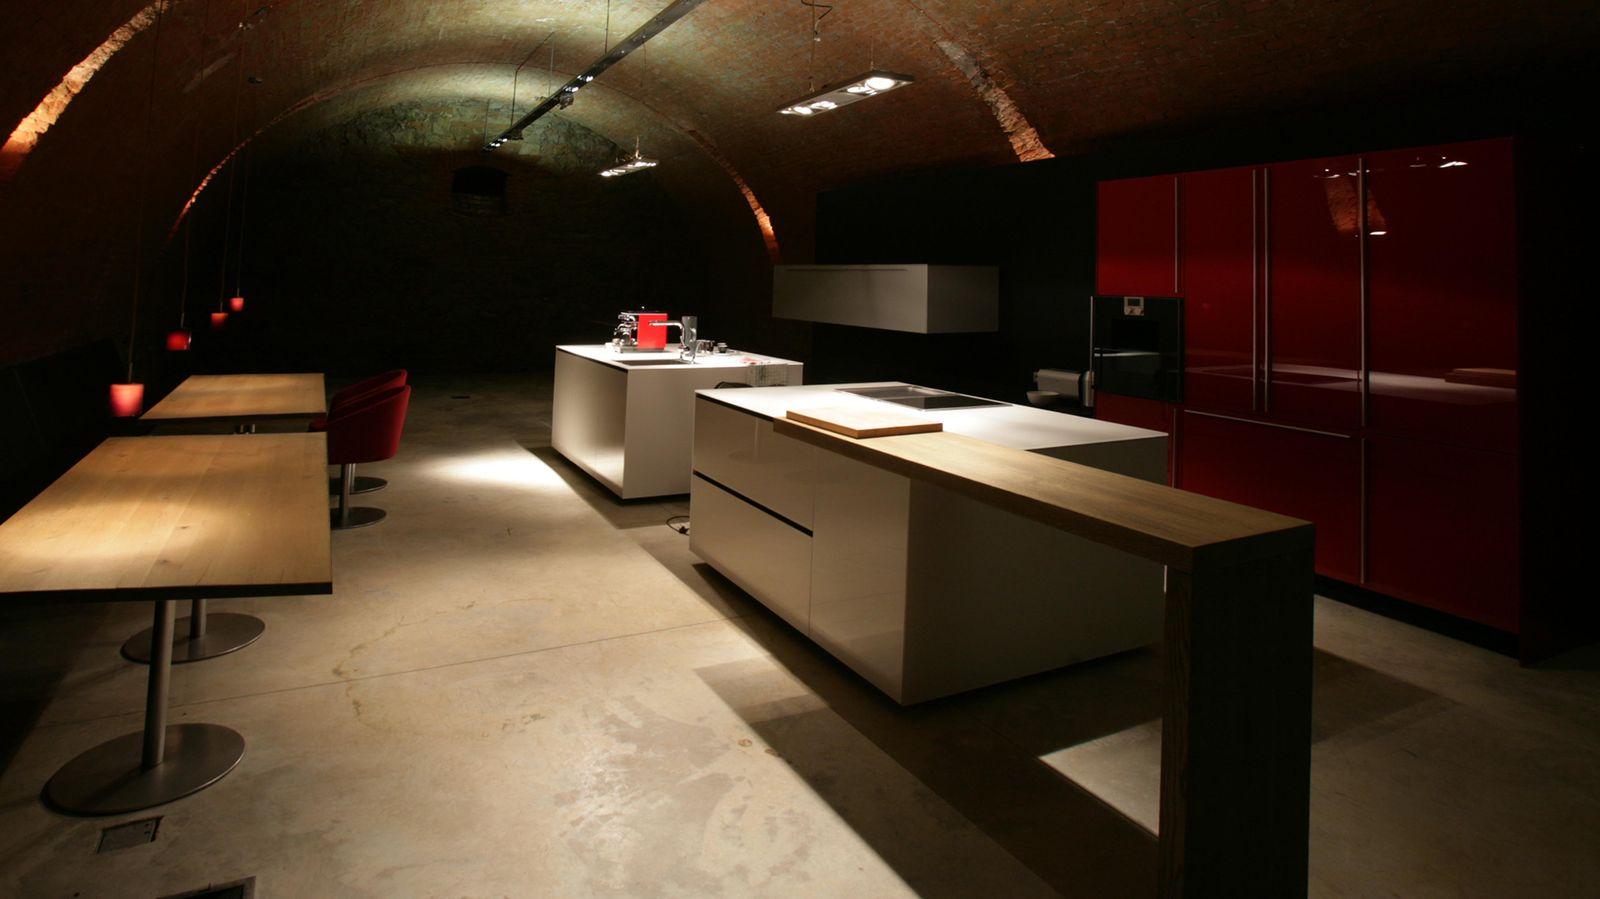 plan 3 kuchyně / Italský výrobce kuchyní Valcucine / Výstava kuchyní plan 3 kuchyně